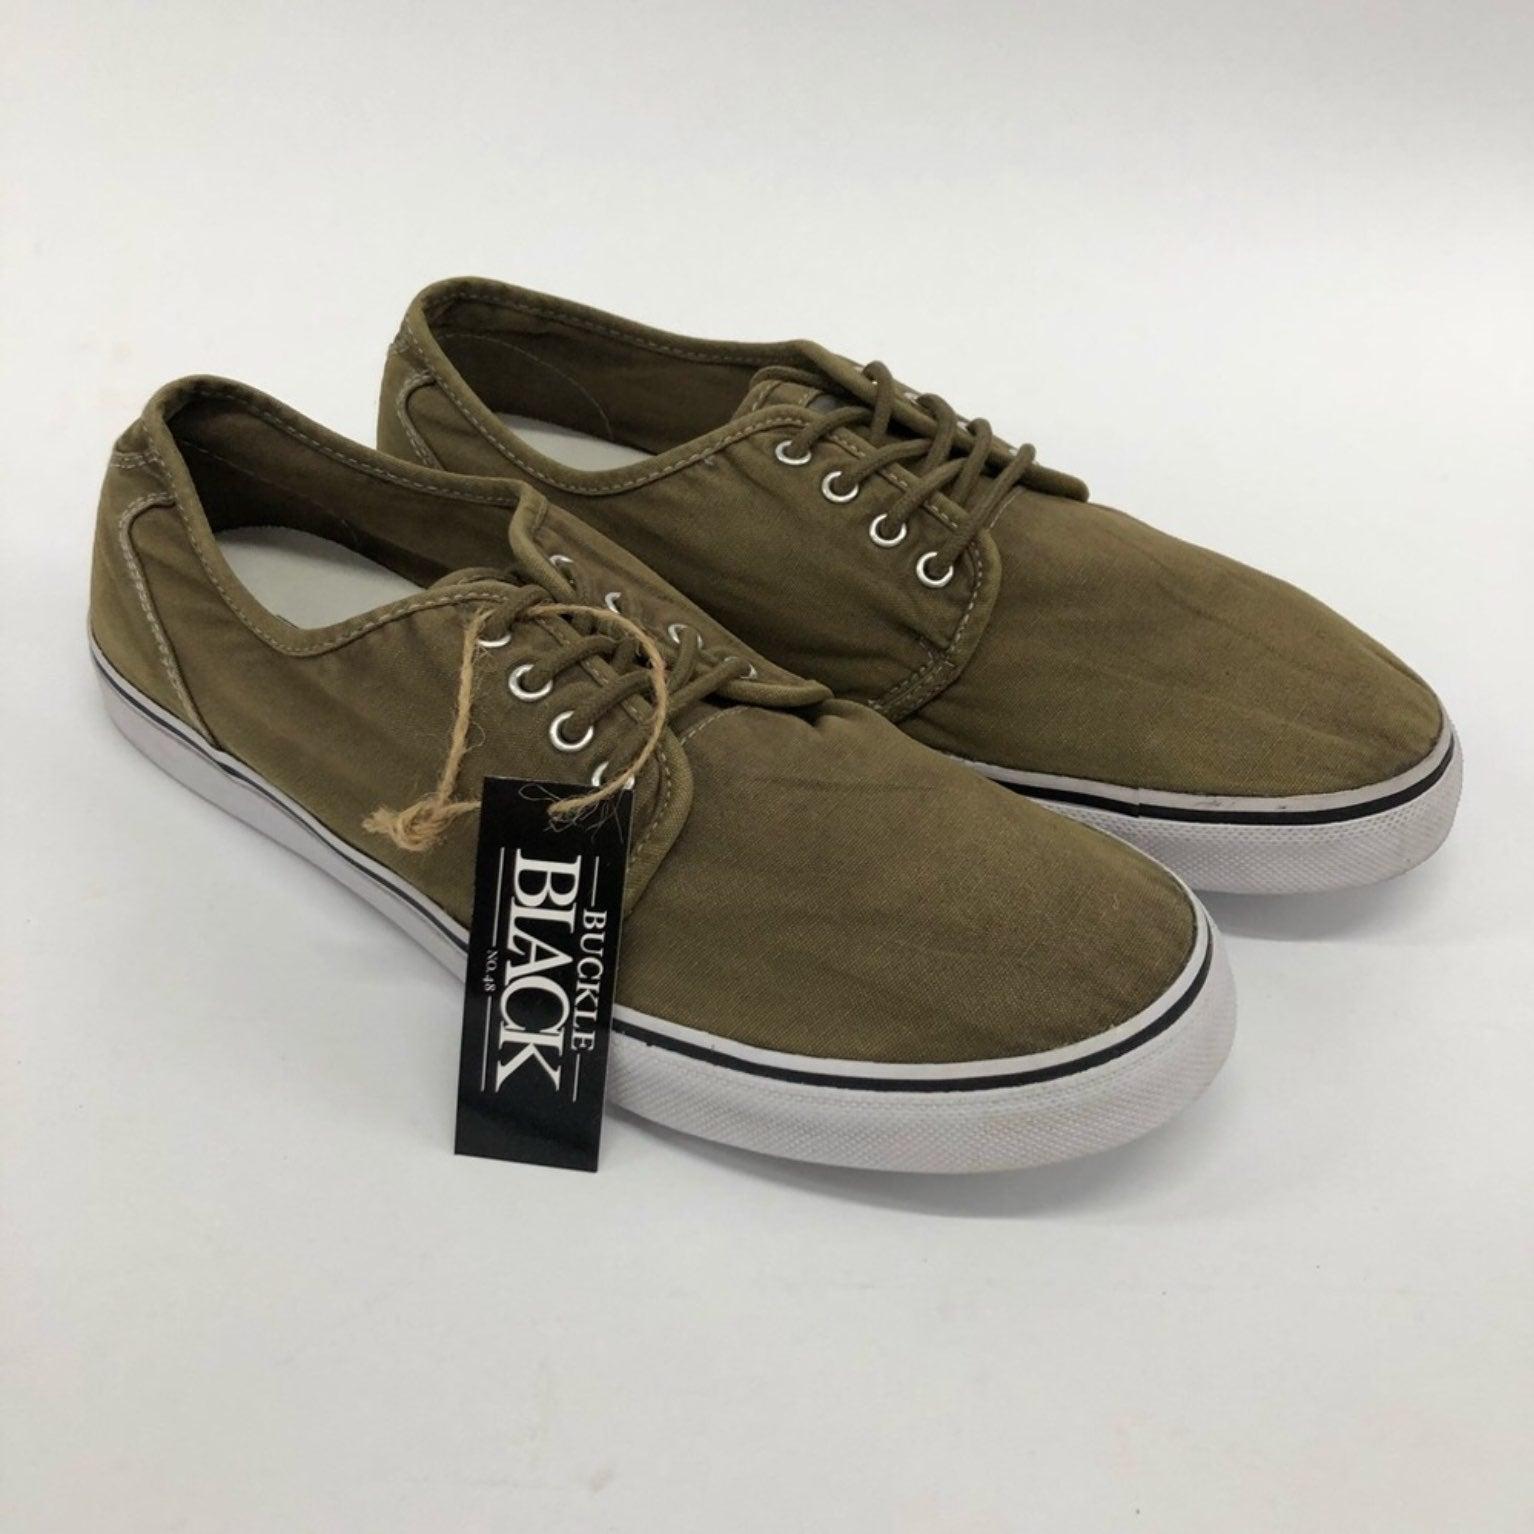 Buckle Mens Sneakers 9